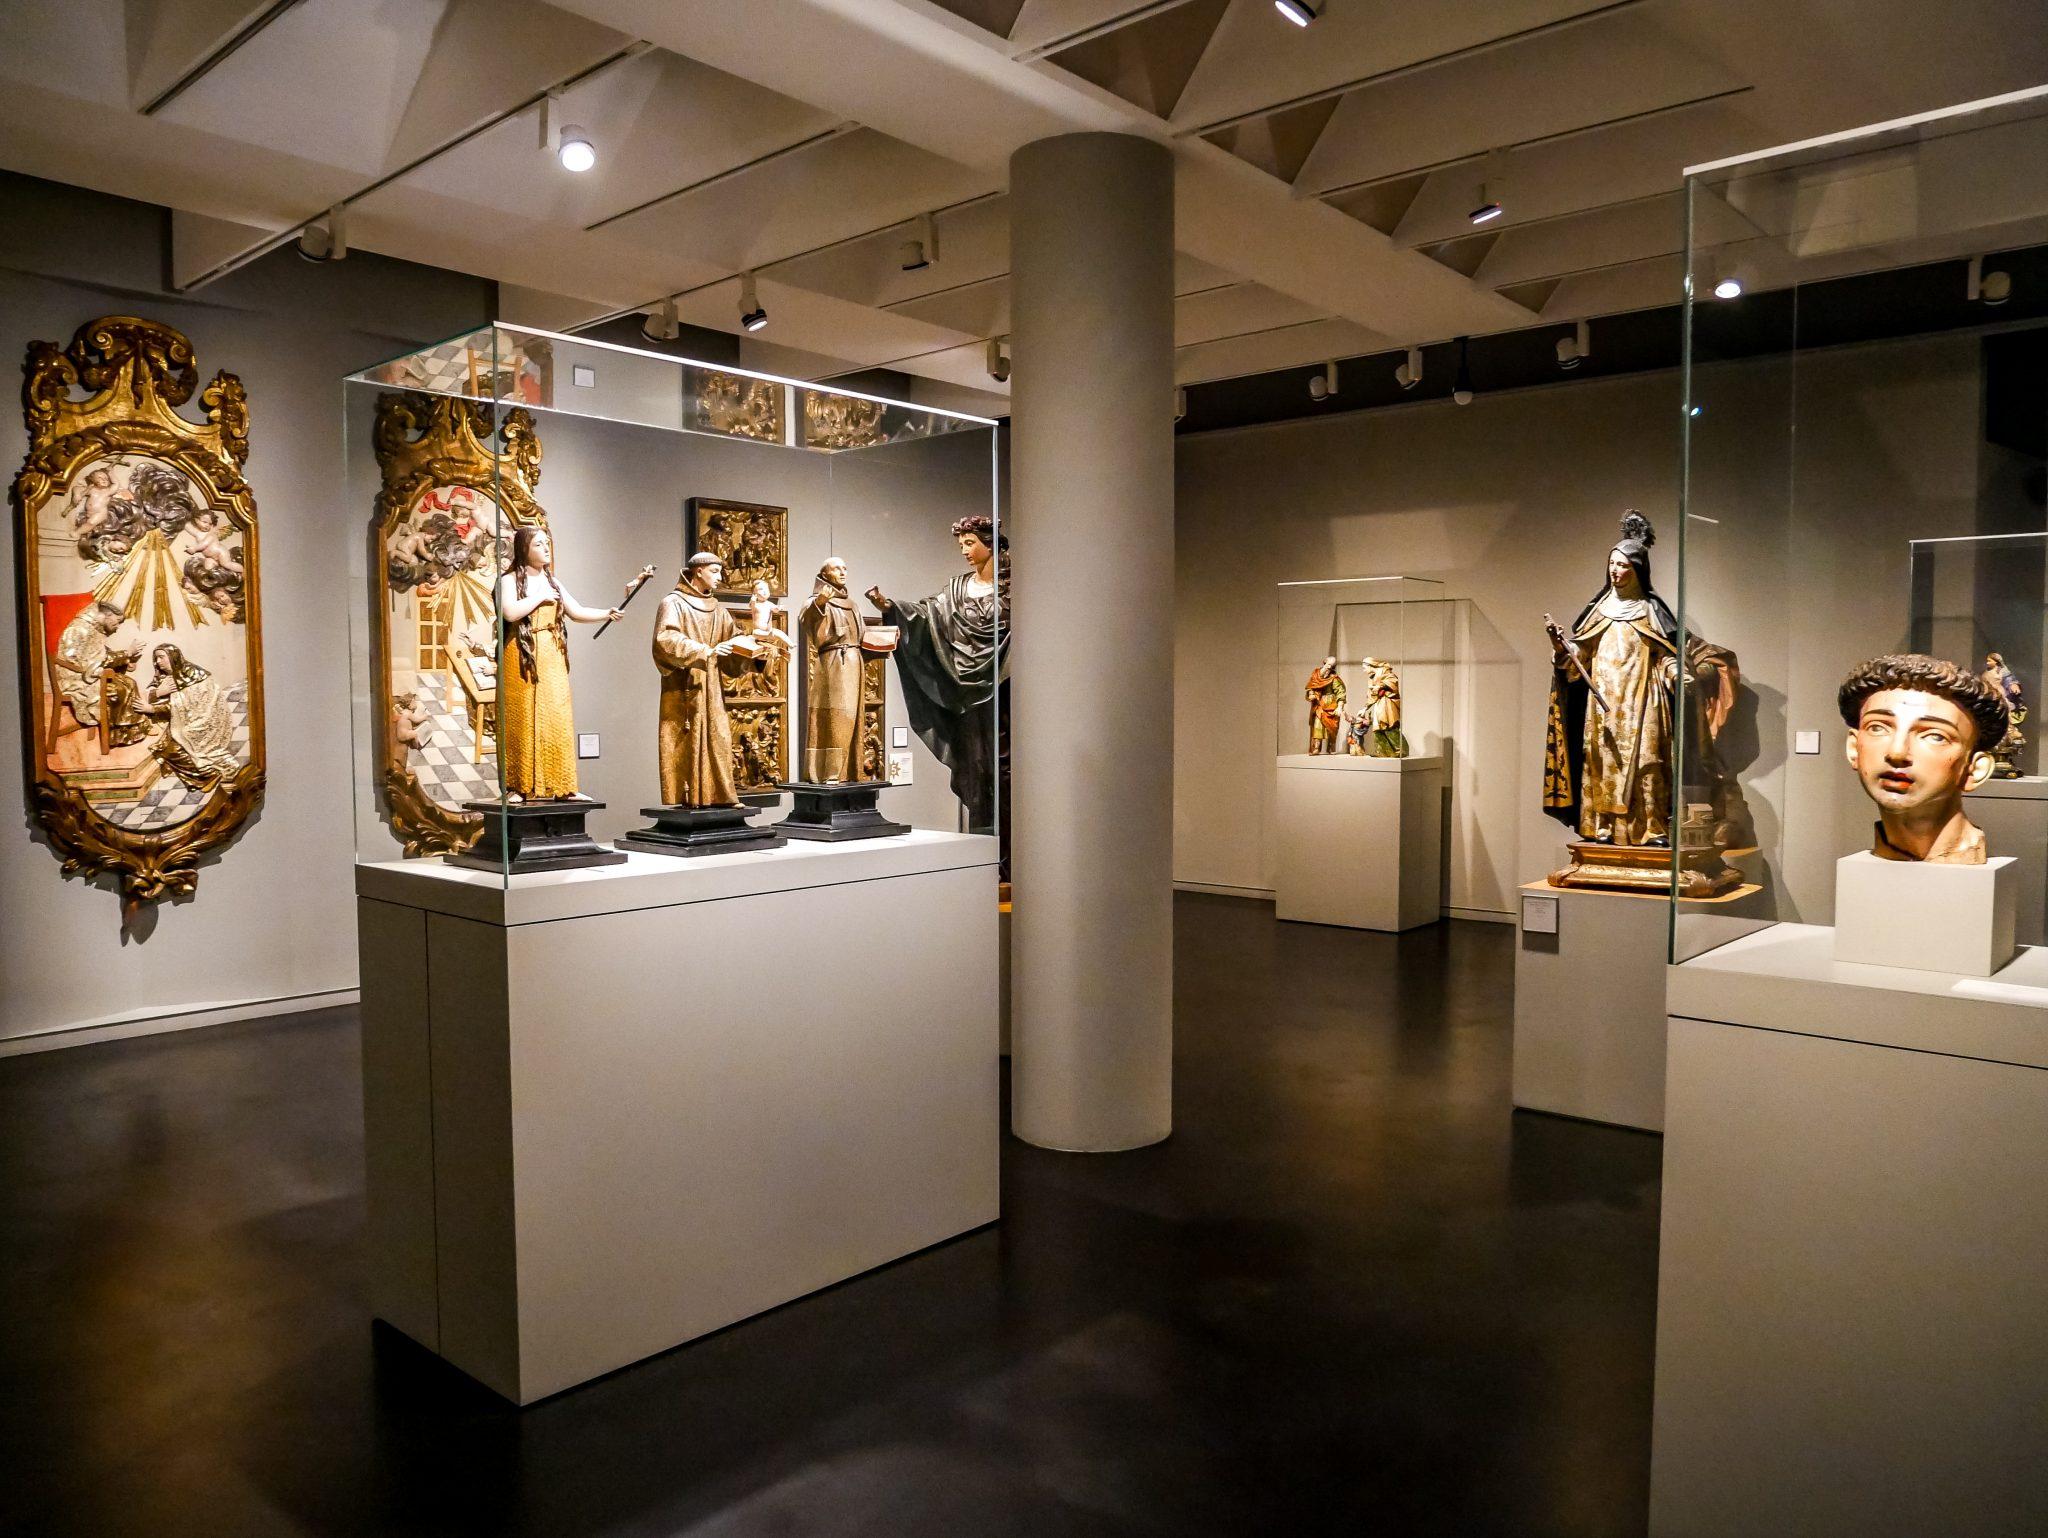 Museu Frederic Marès (MFM)(Adresse: Plaça de Sant lu, 5, Barcelona)